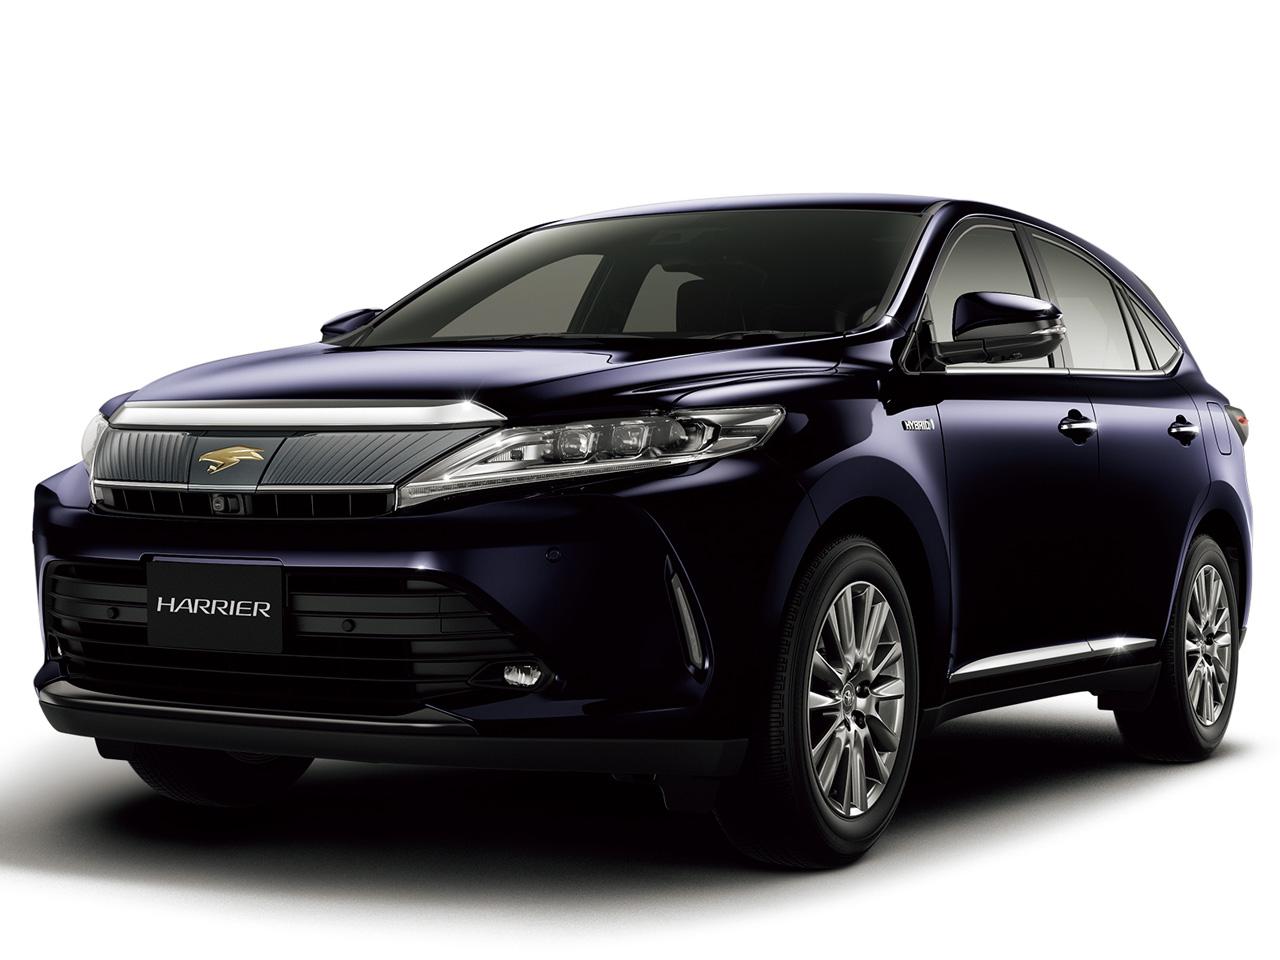 トヨタ ハリアー ハイブリッド 2014年モデル 新車画像